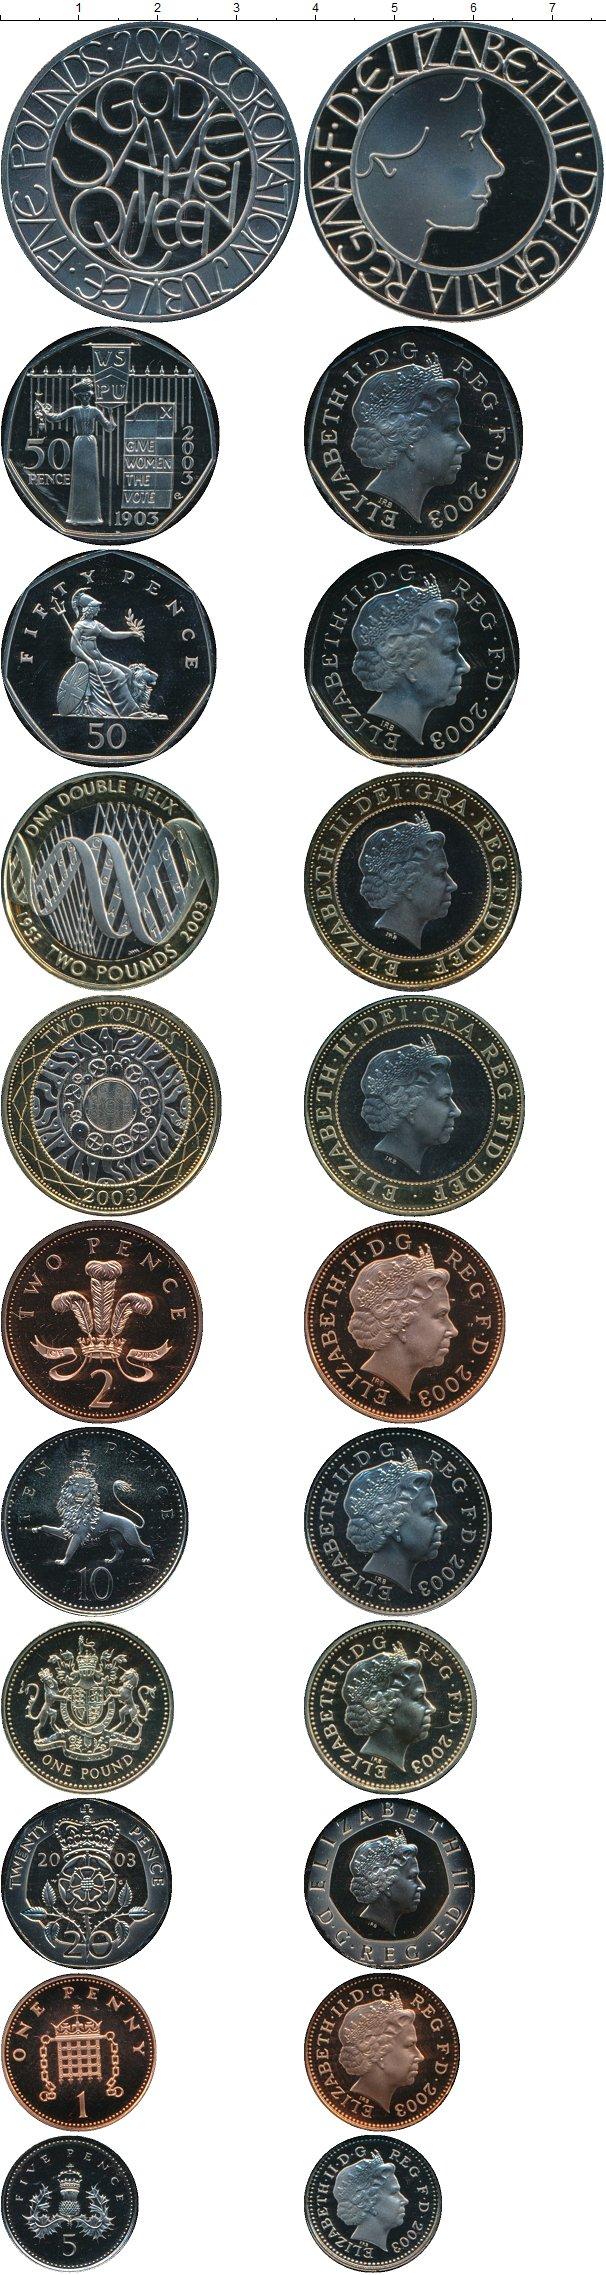 Картинка Подарочные монеты Великобритания Набор ПРУФ 2003 года  2003